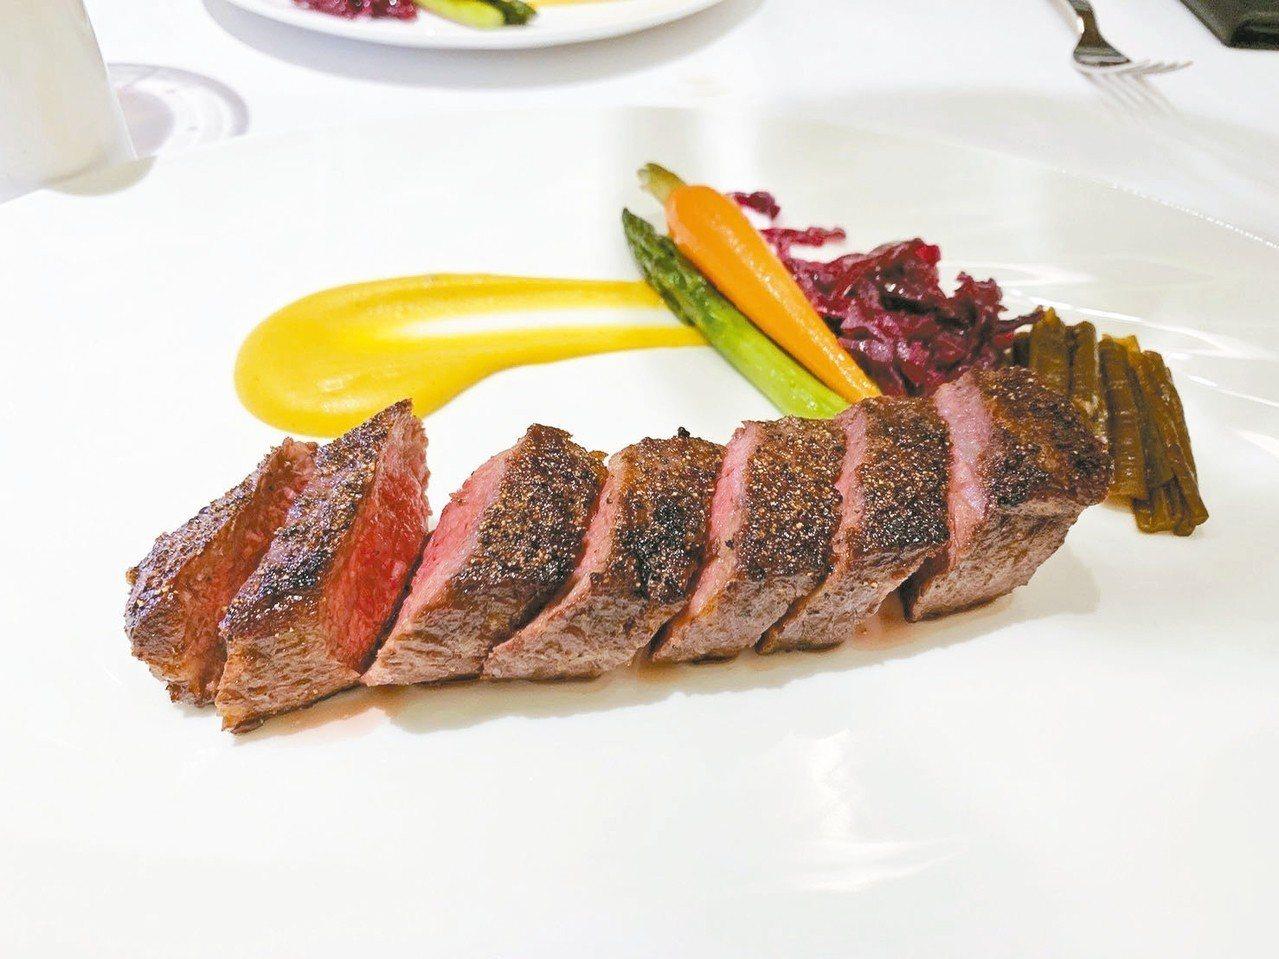 王品新品牌The WANG定位為「擁有特色牛排的高檔法餐廳」。 記者嚴雅芳/攝影